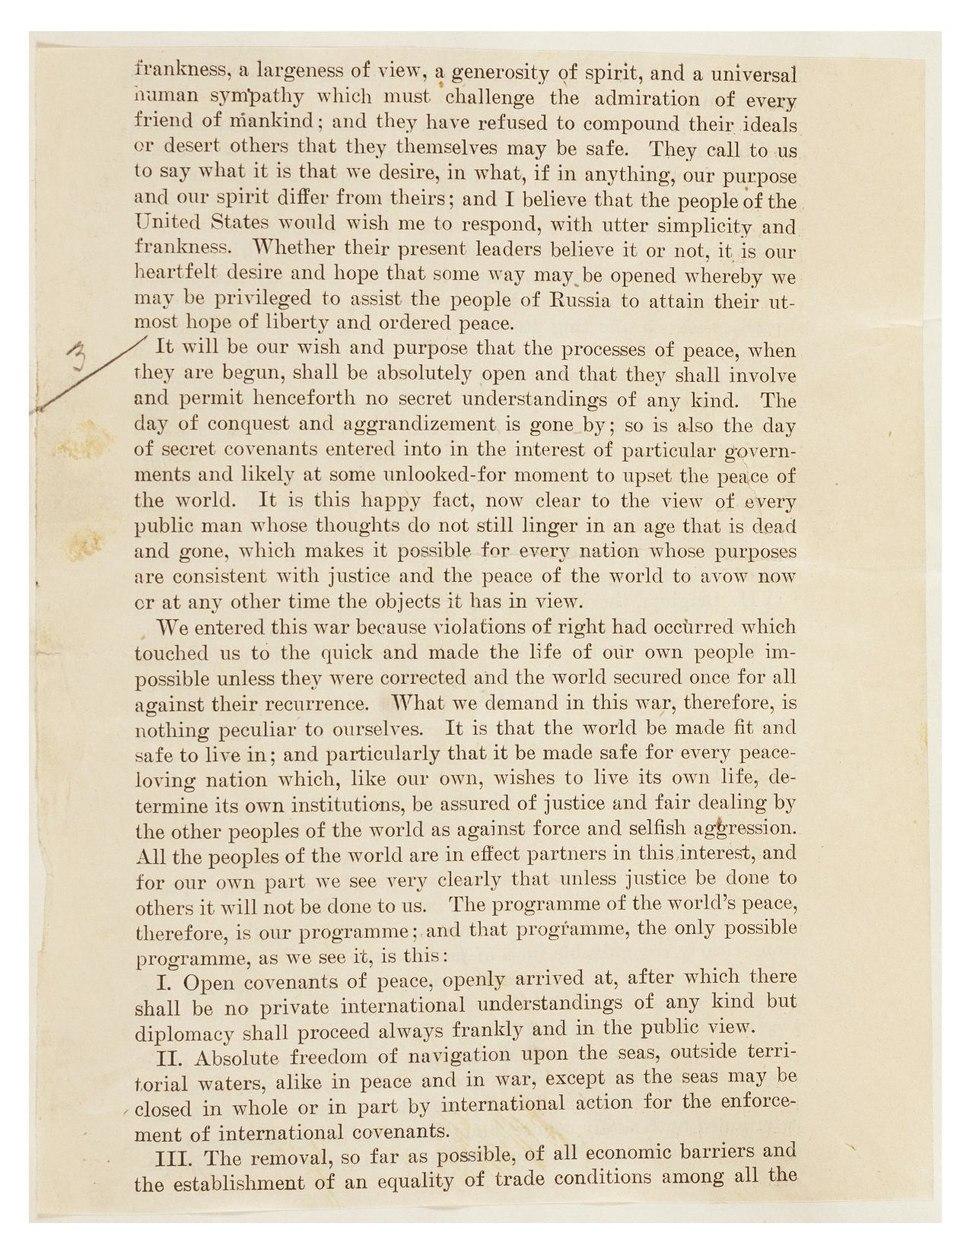 Original Fourteen Point Speech page1.pdf